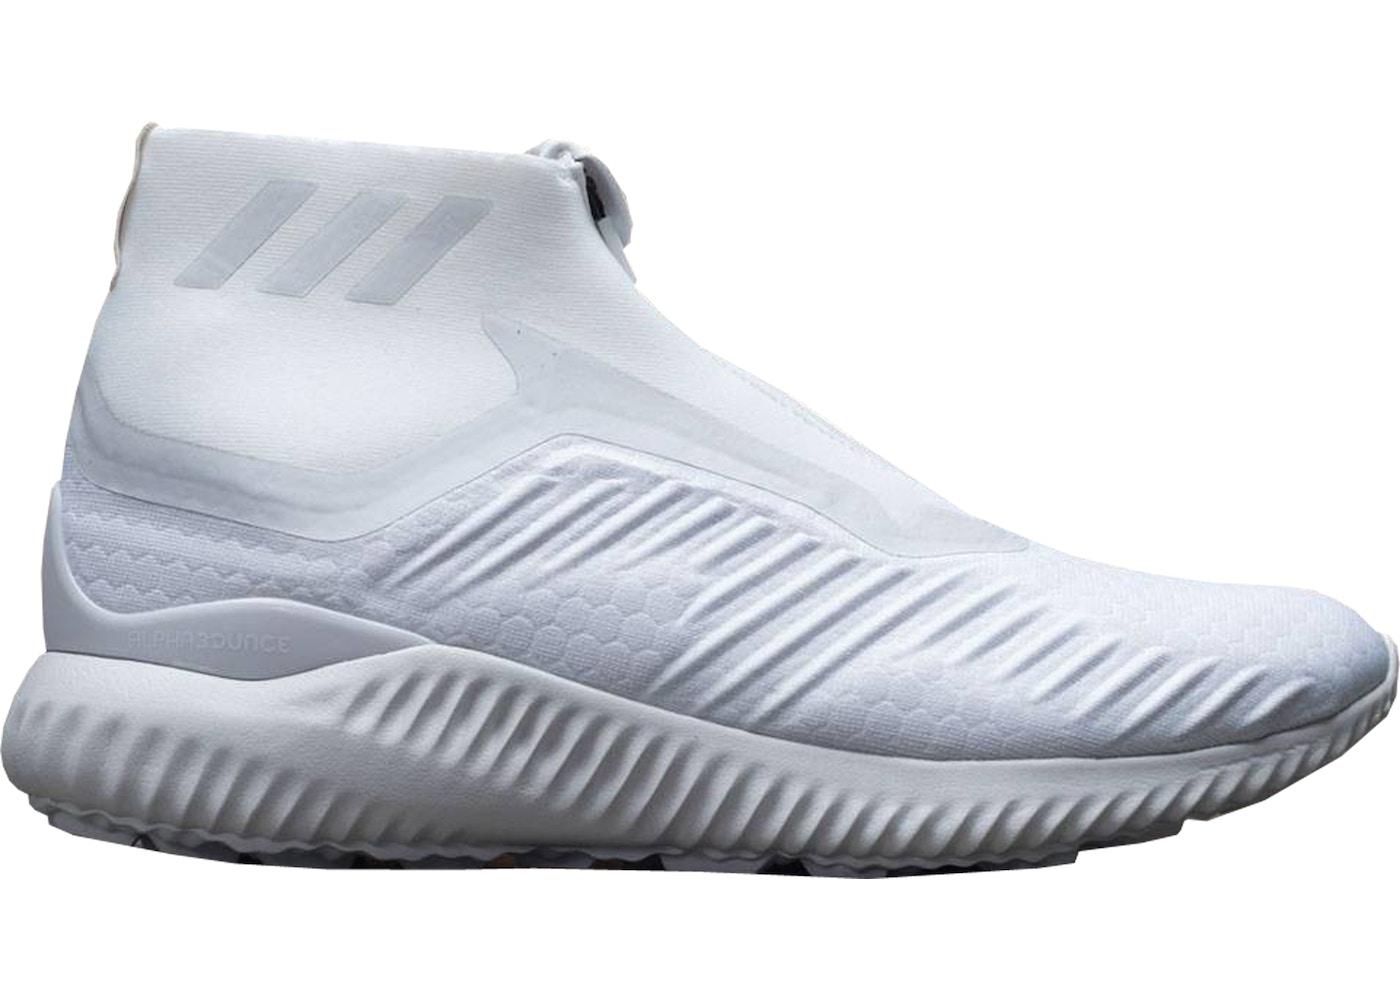 meilleur pas cher 5620f 76eca adidas Alphabounce Zip Triple White